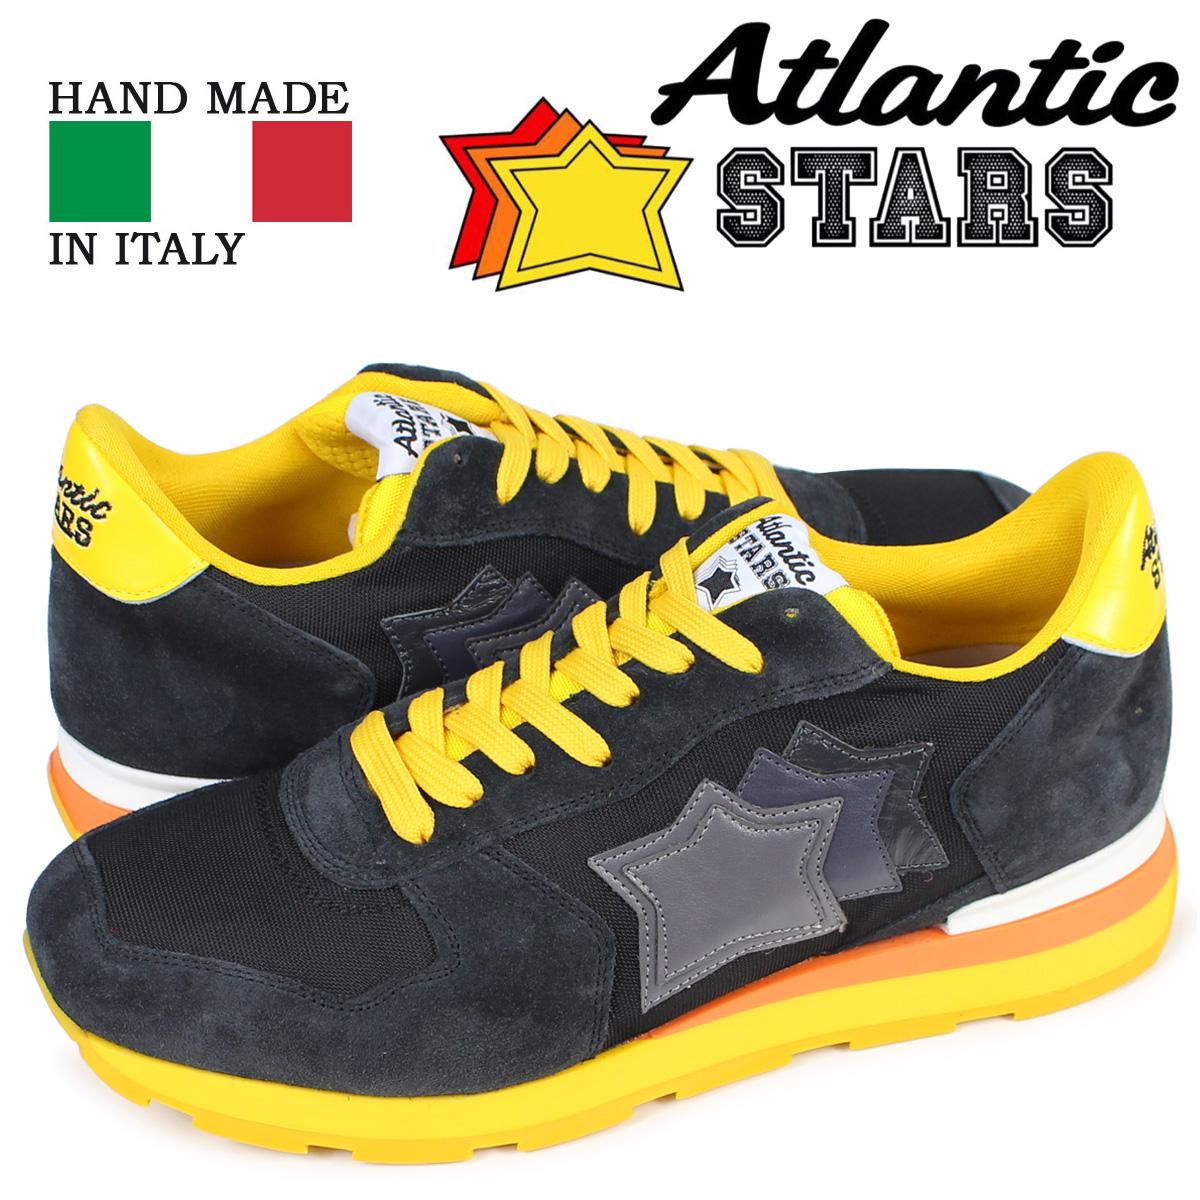 【最大2000円OFFクーポン】 アトランティックスターズ スニーカー メンズ Atlantic STARS アンタレス ANTARES SB-46B ブラック